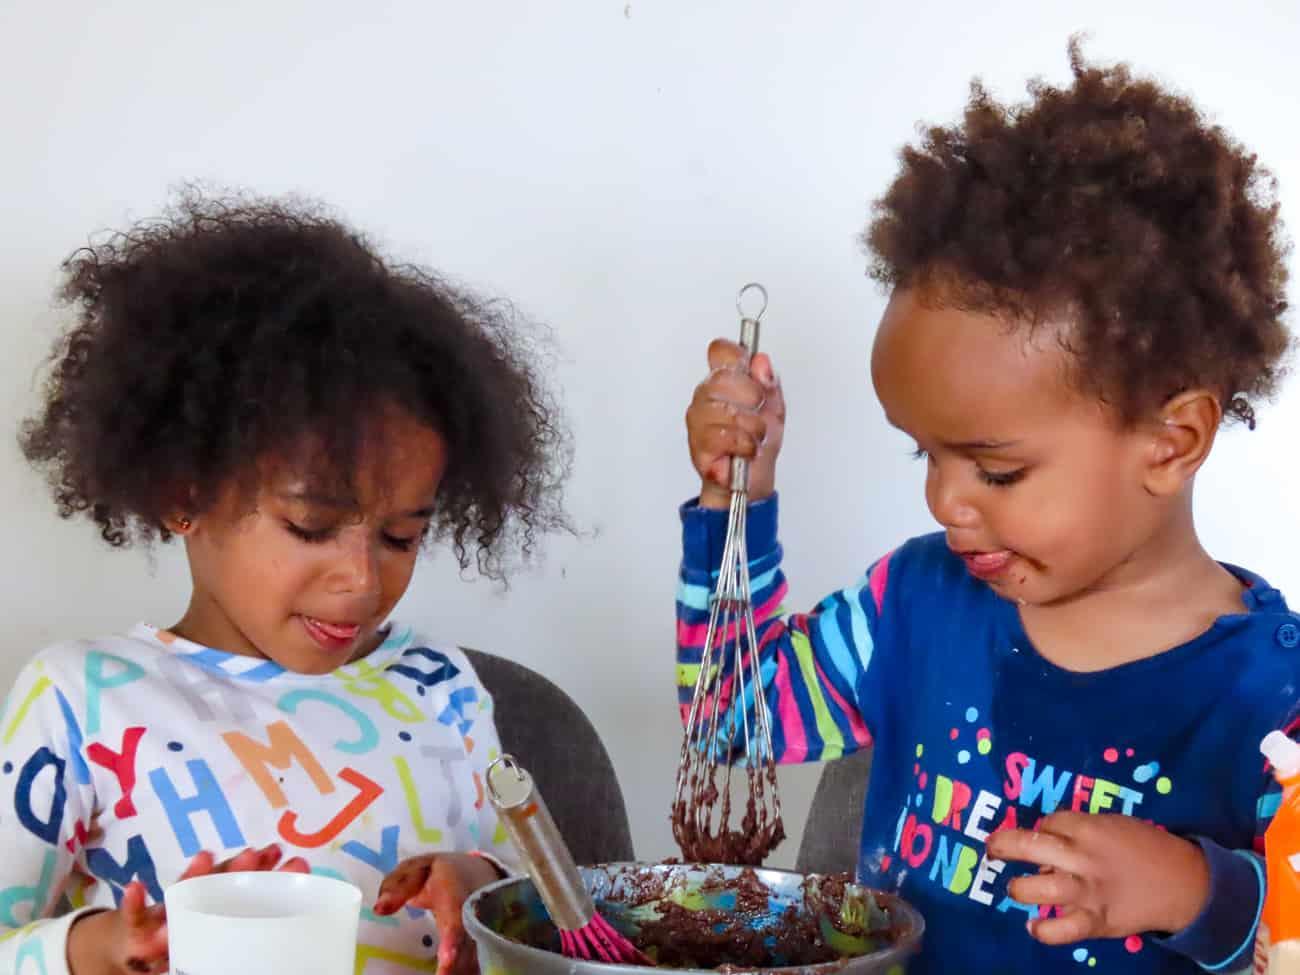 cuisiner-avec-enfants-recettes-42